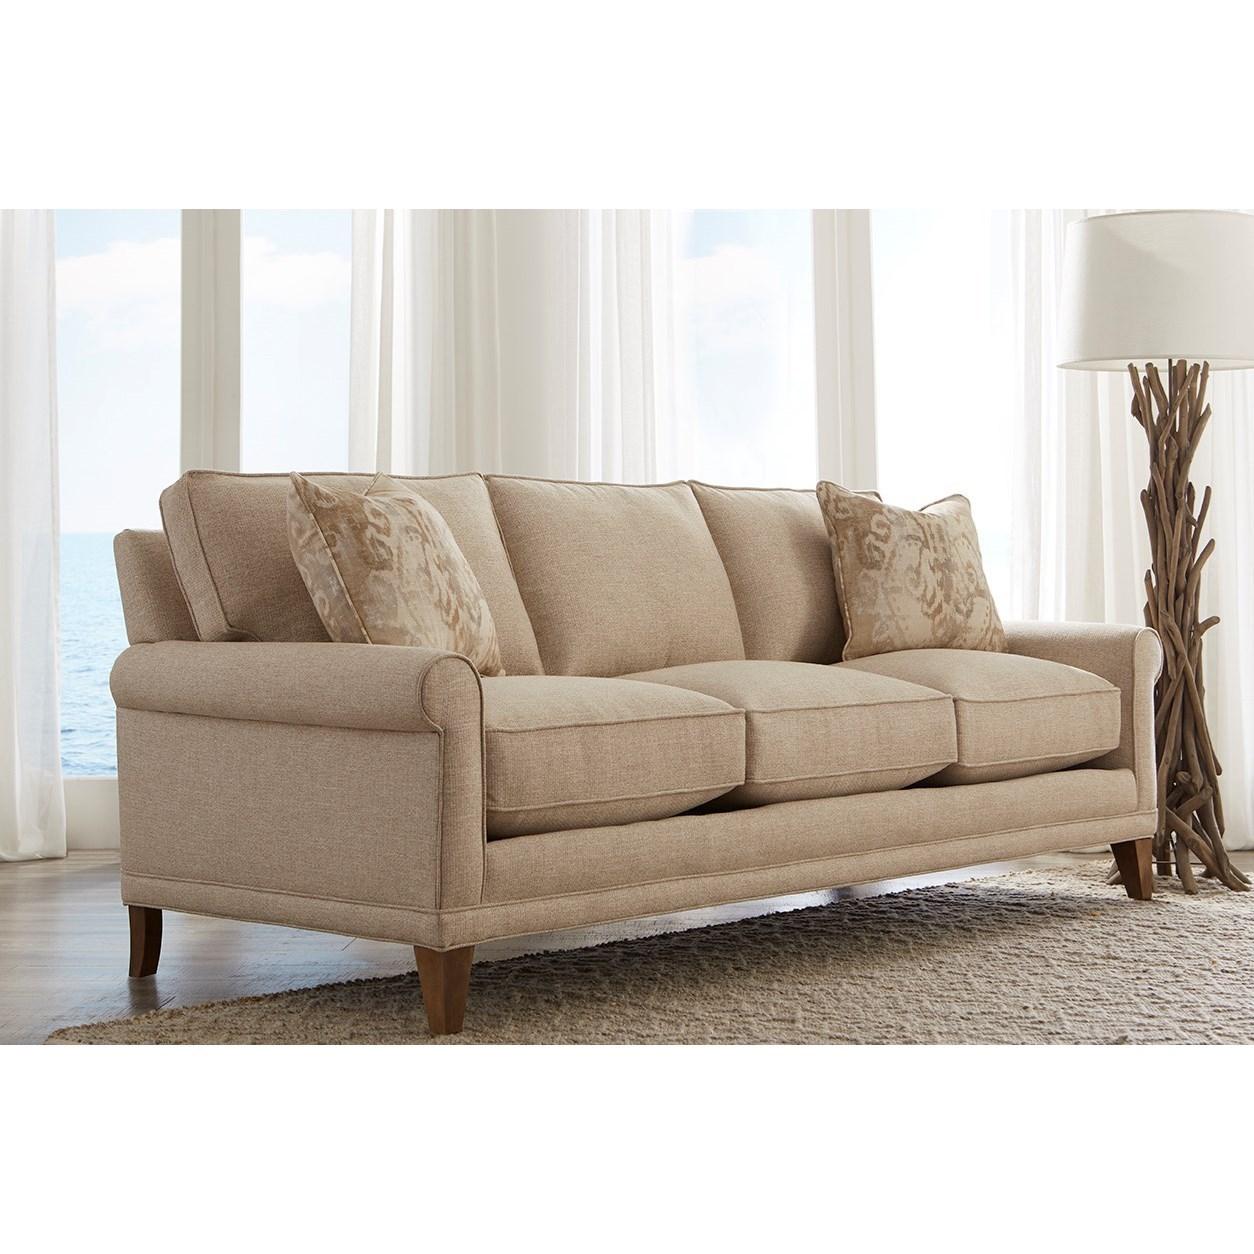 Rowe My Style IICustomizable Sofa Sleeper ...